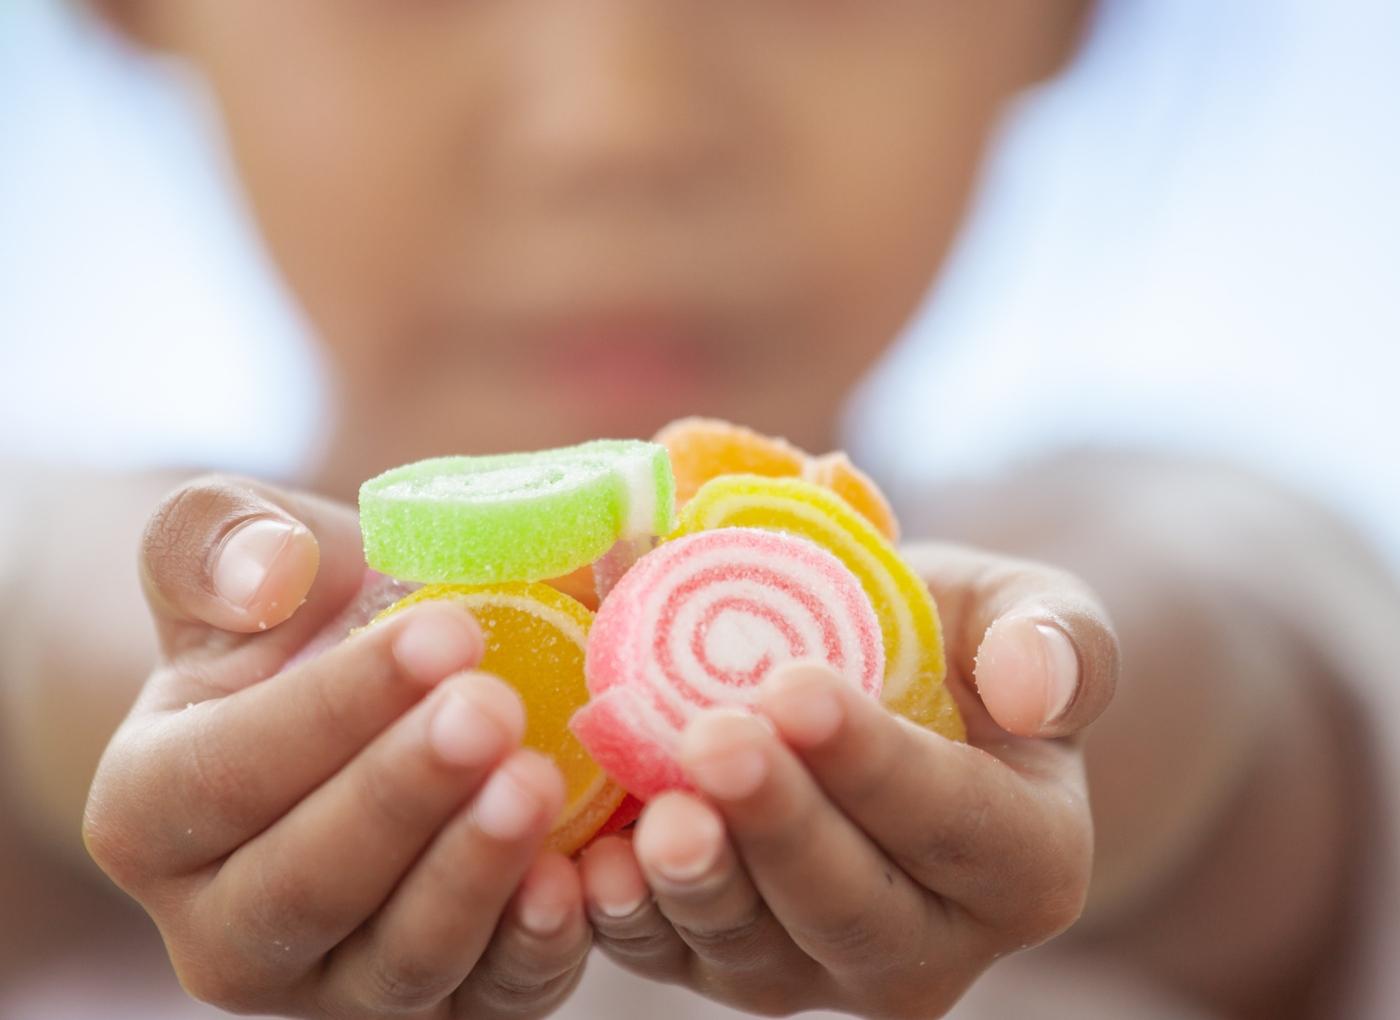 doenças que se podem prevenir na infância: a obesidade